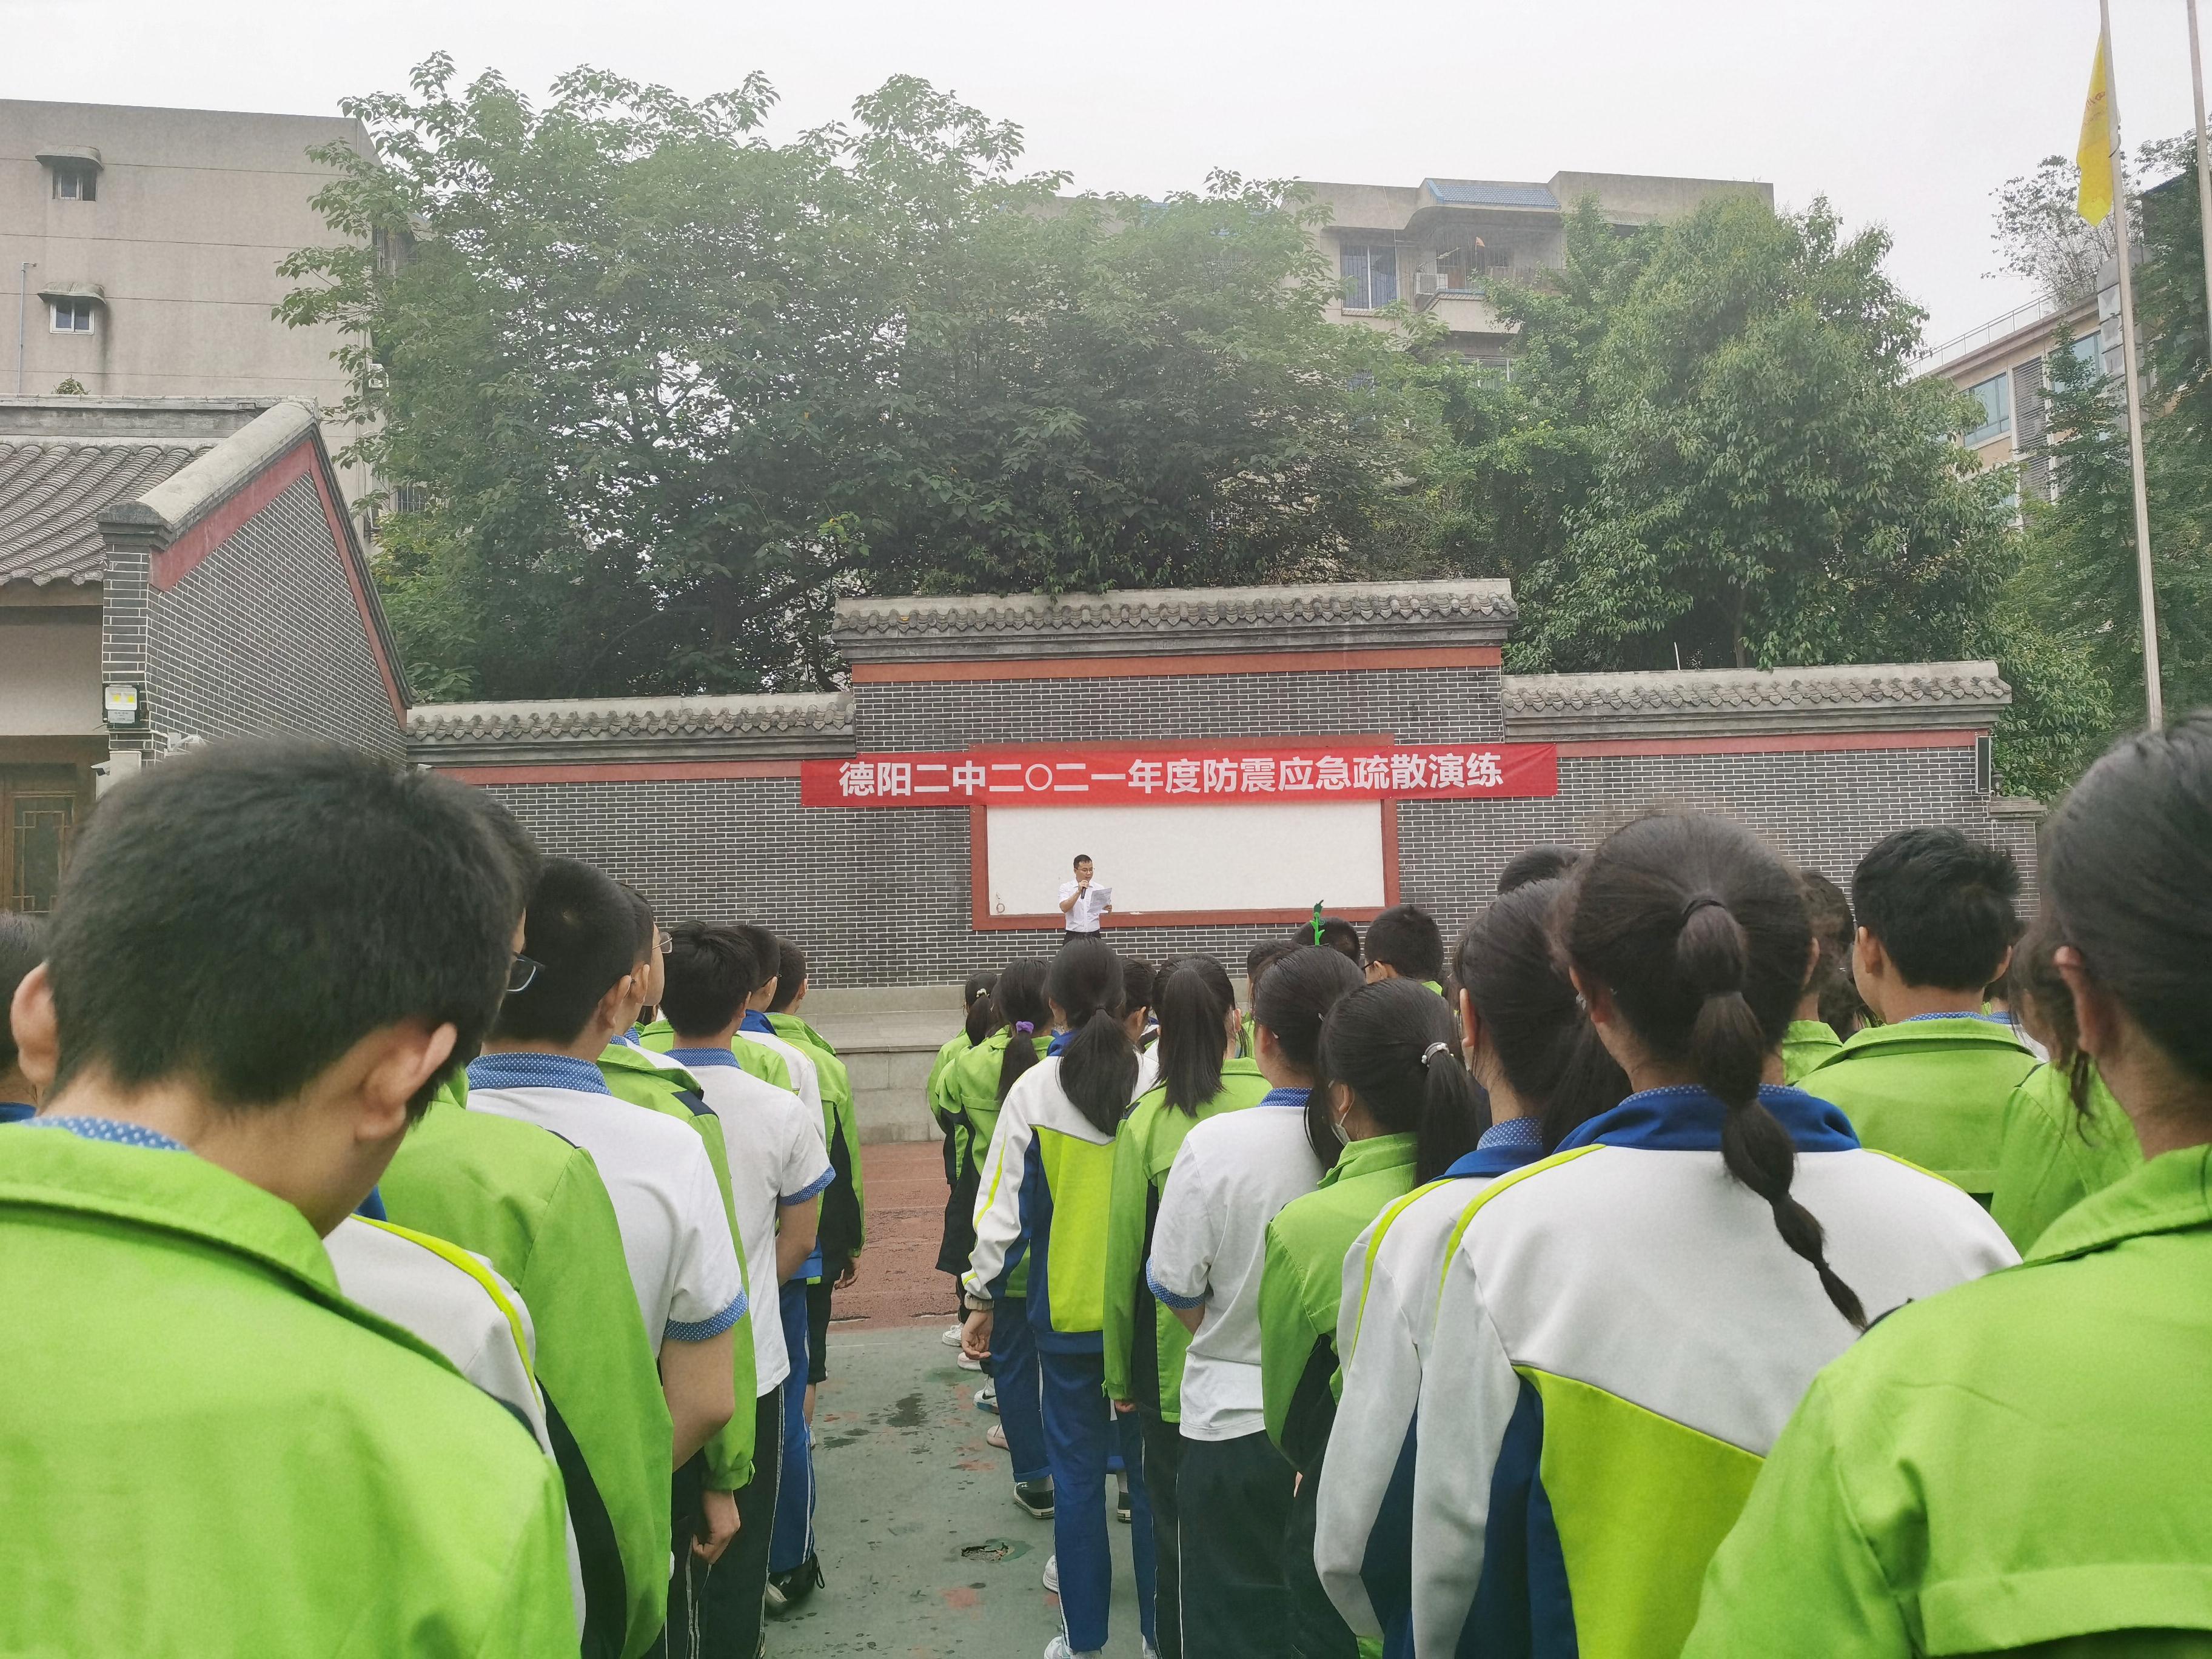 德阳二中开展防震应急疏散演练